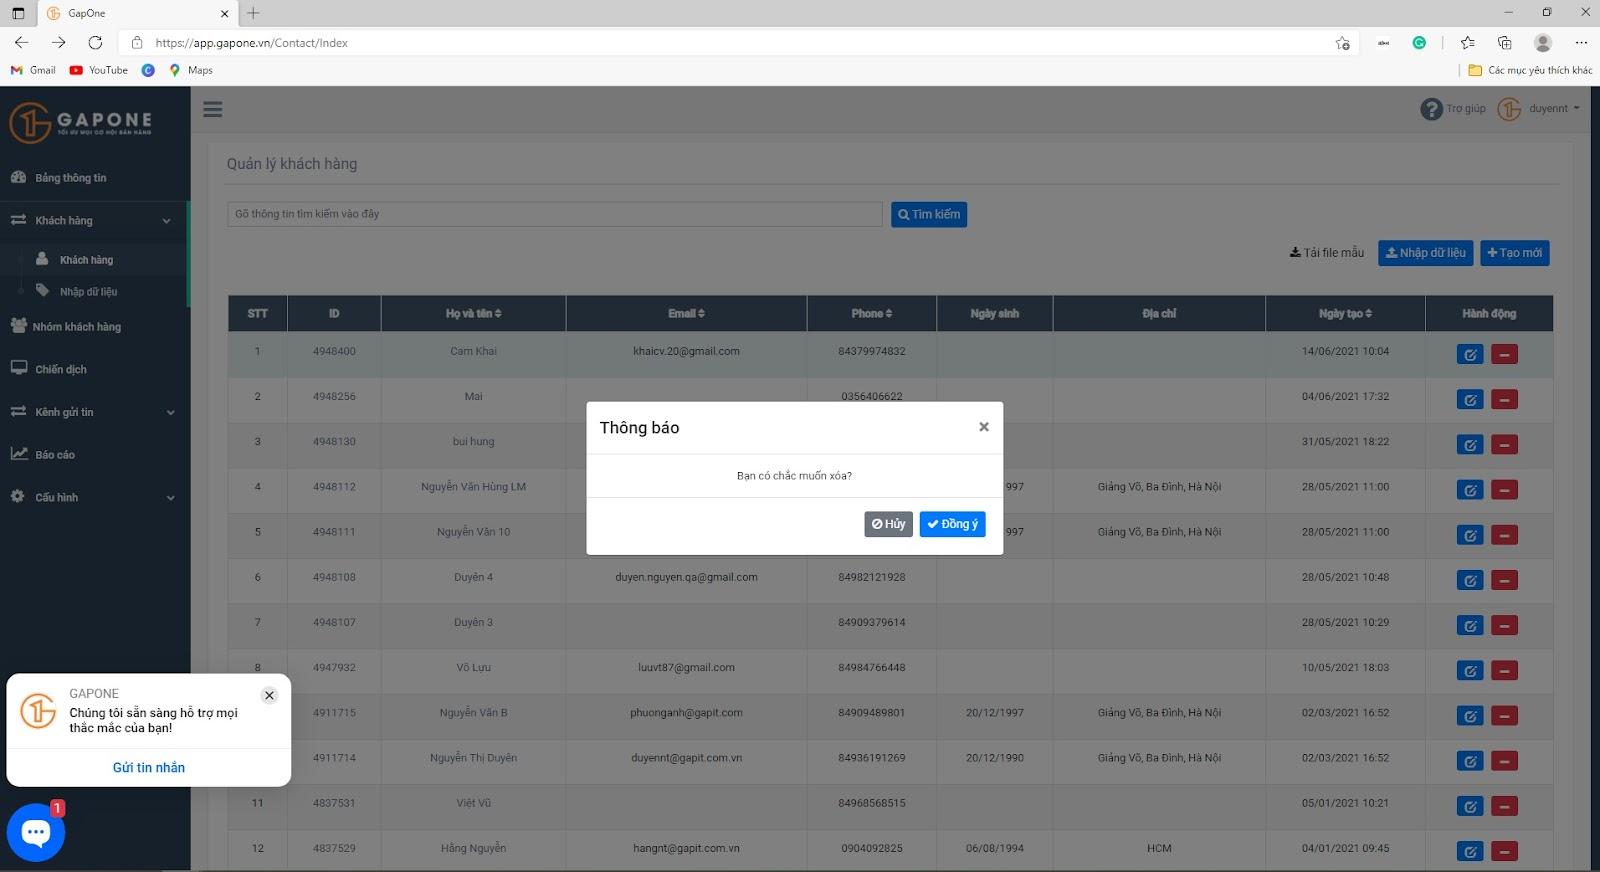 Hướng dẫn thêm từng cá thể khách hàng trên GAPONE 06